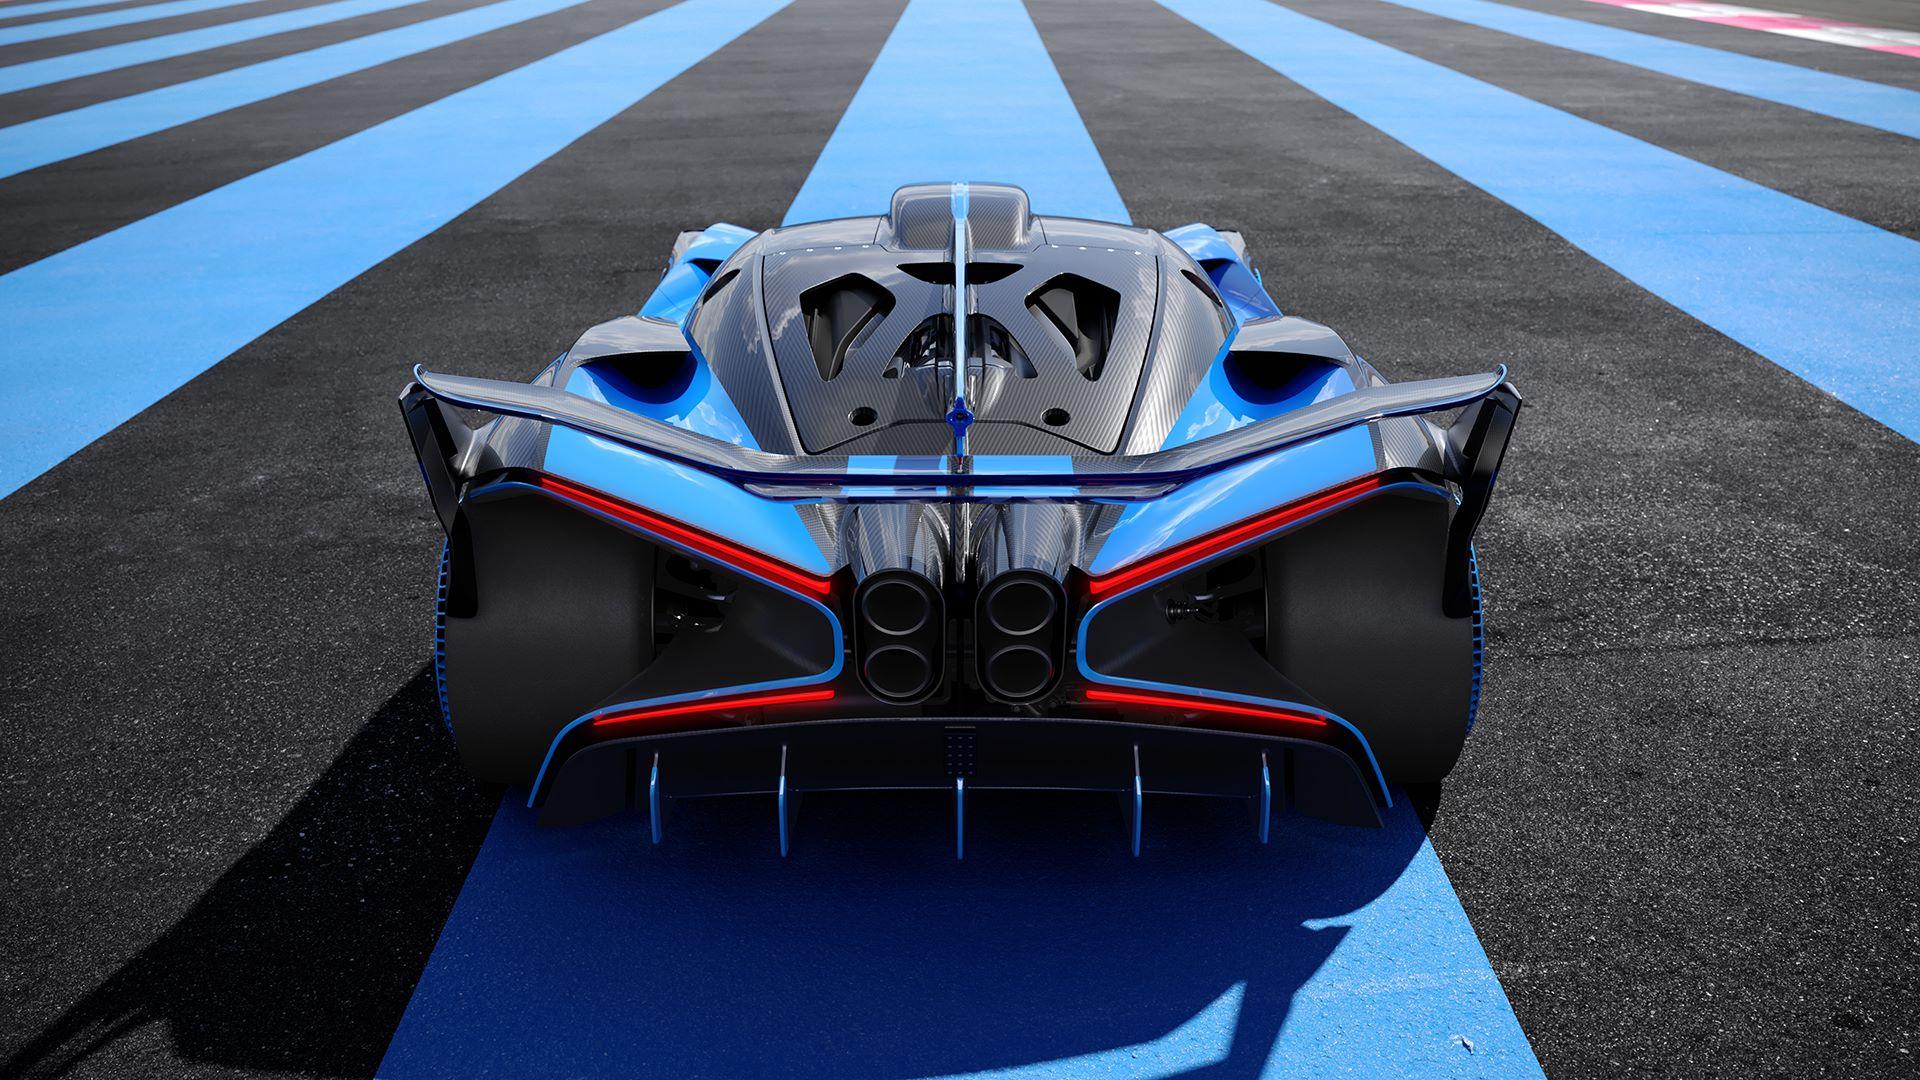 Bugatti-Bolide-concept-19